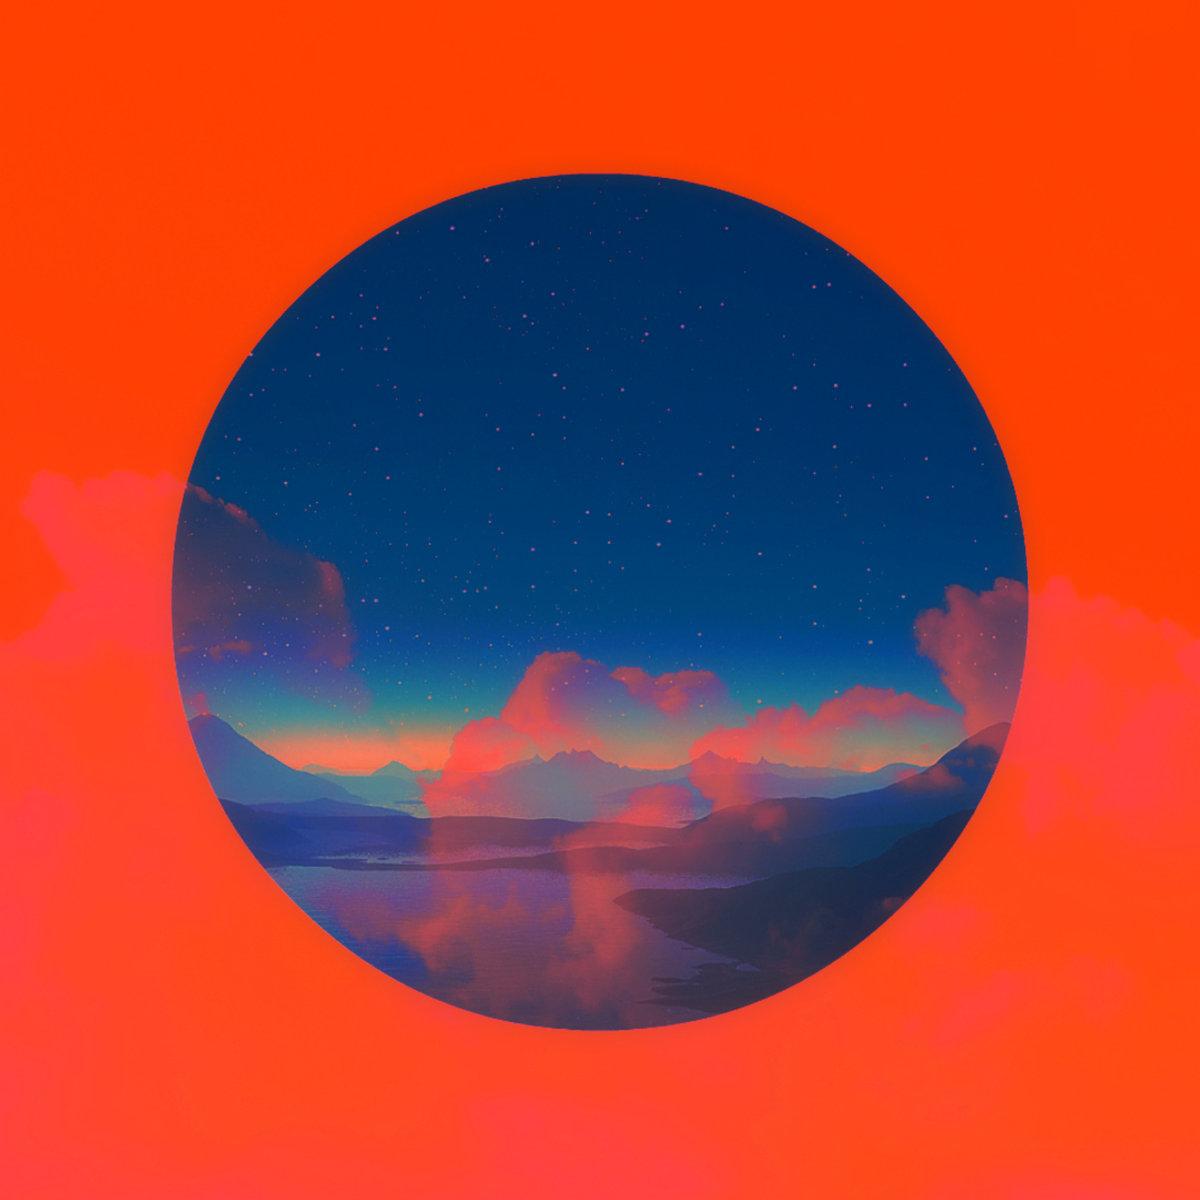 50. Eluvial - Blue Drift